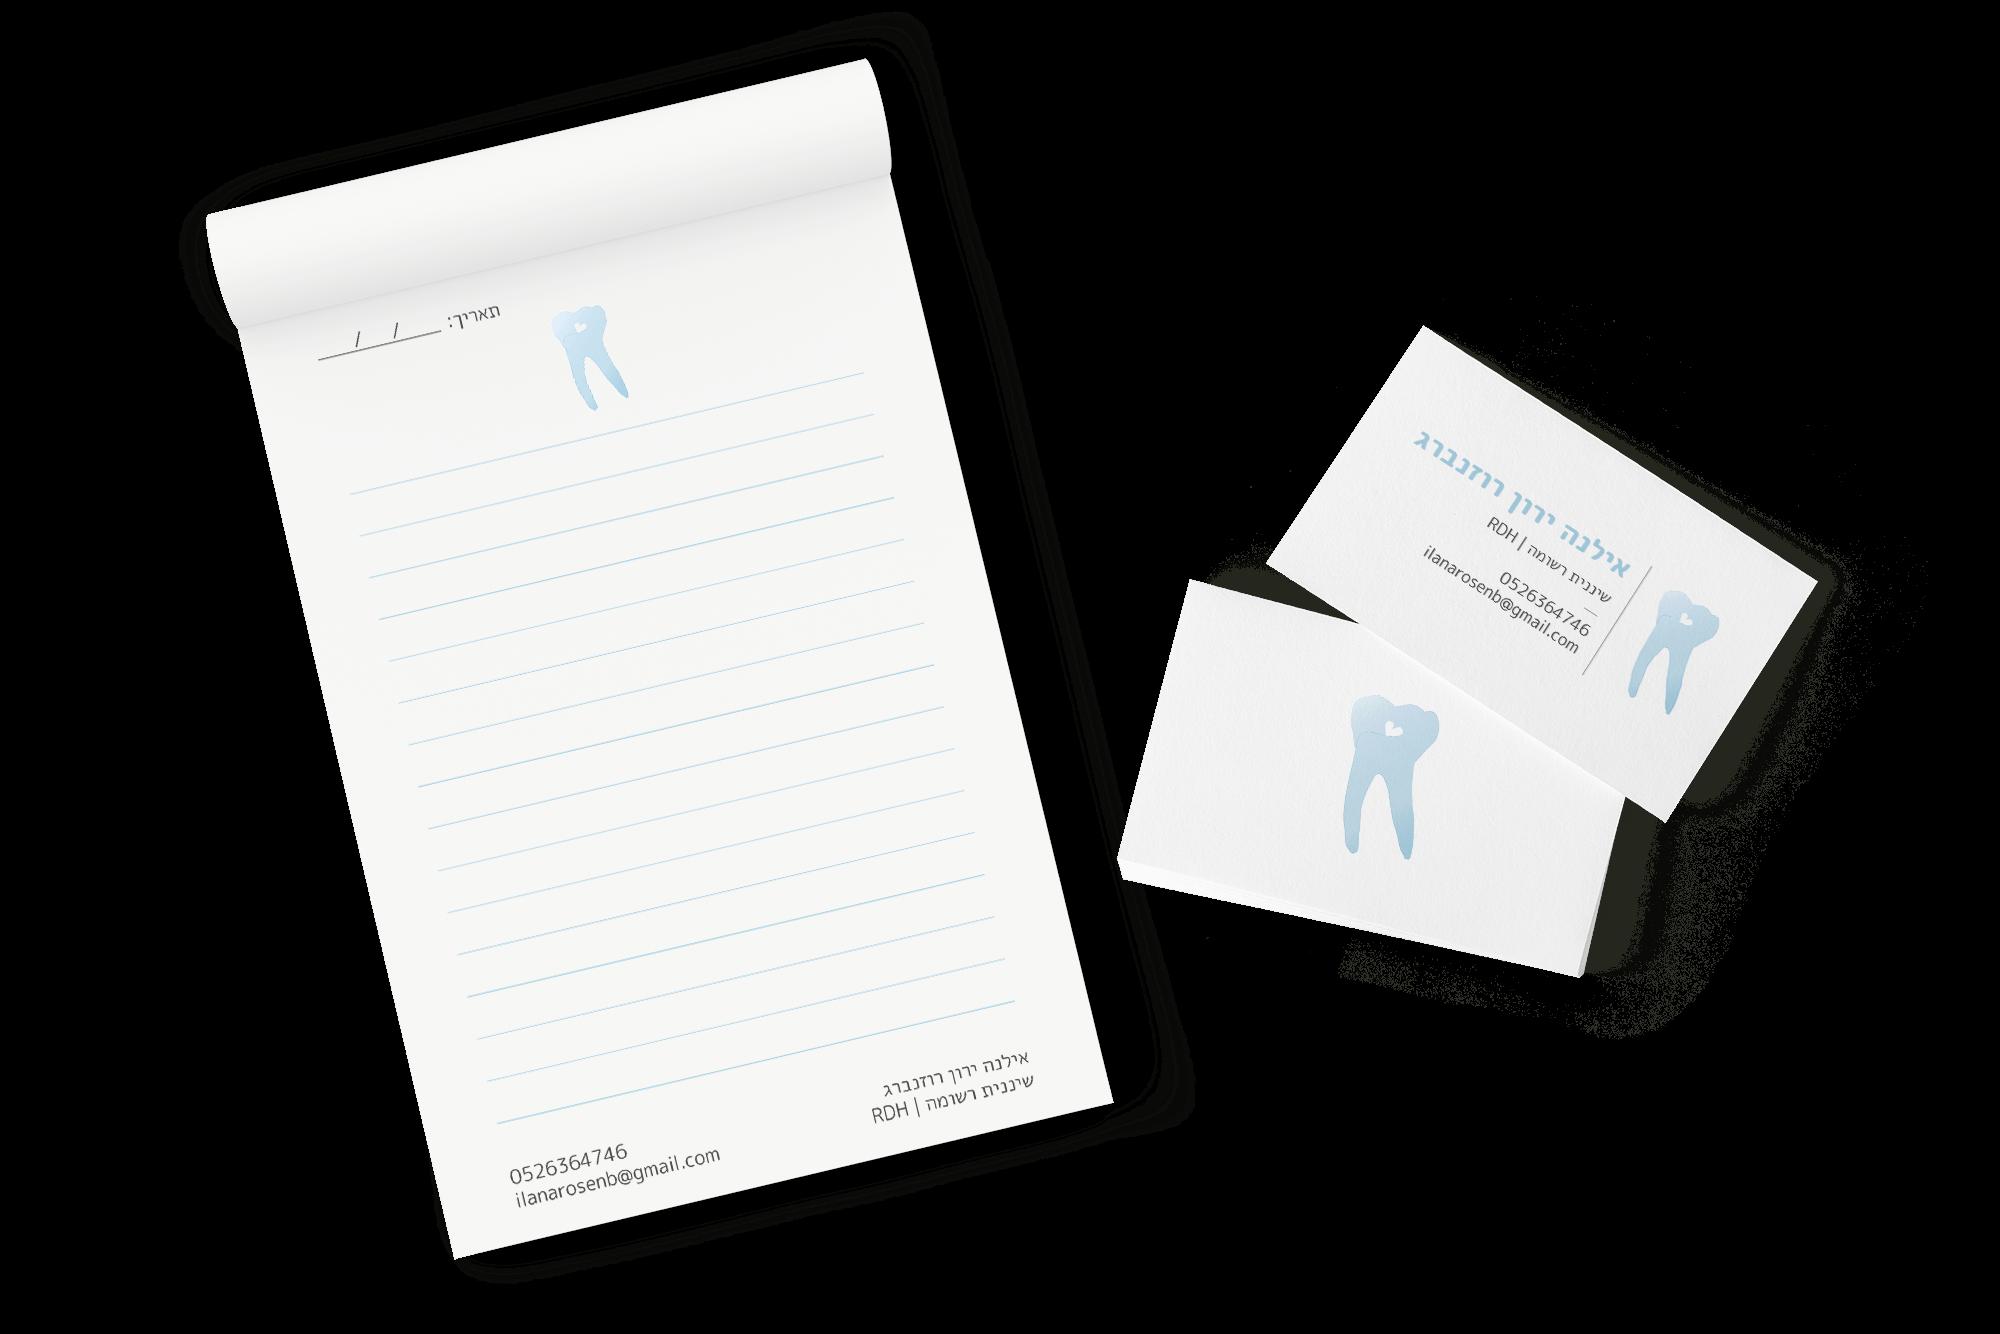 עיצוב בחינוך עיצוב גרפי מיתוג שיננית פנקס תיק עבודות קטיה פובזנר